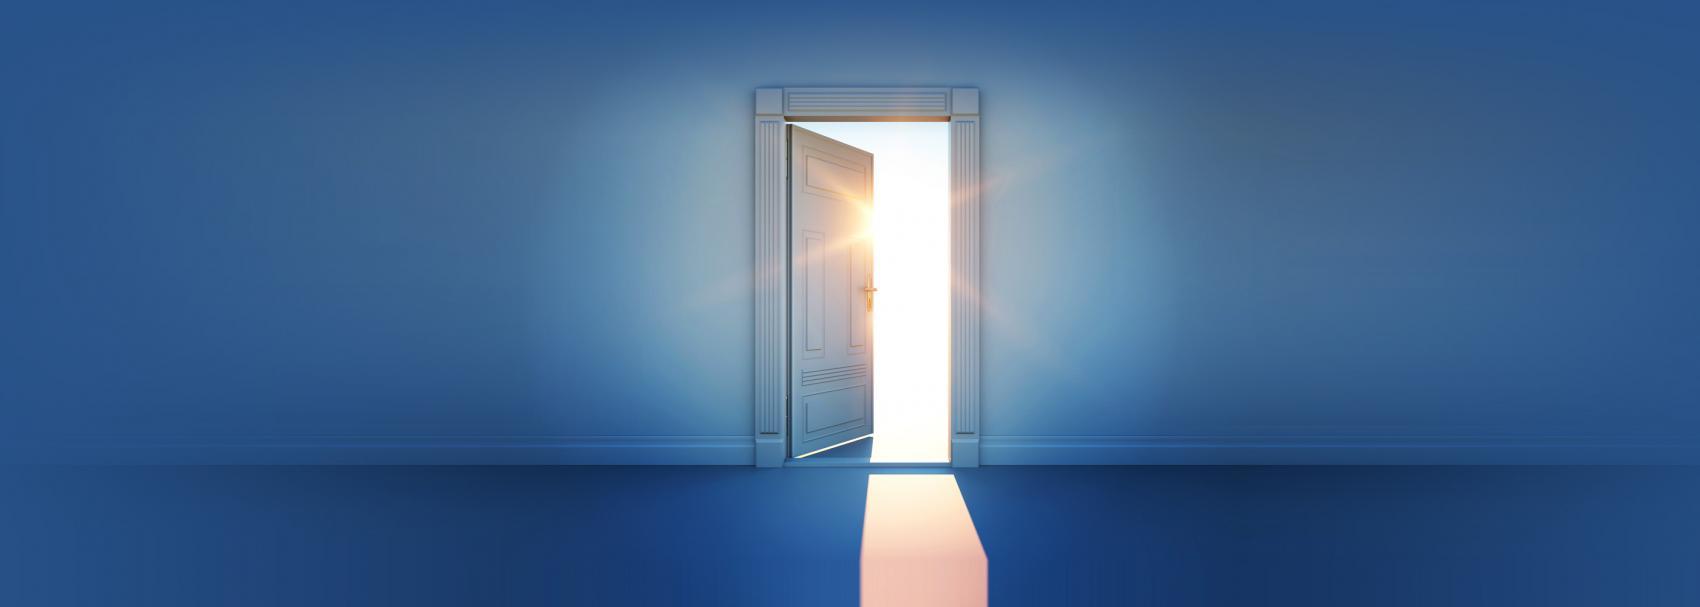 Drzwi na środku w ciemnym pokoju z przebijającym światłem